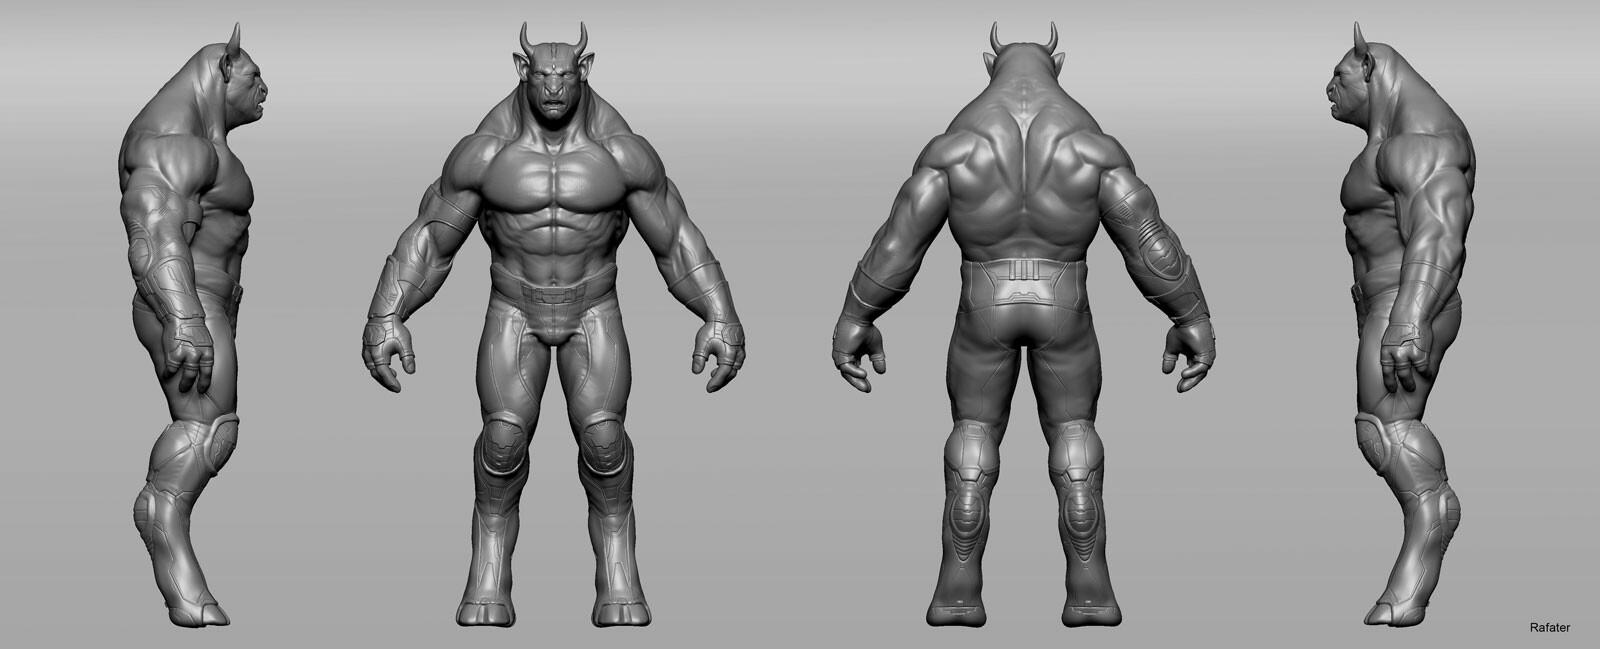 Rafael teruel minotaur creatuanary rafater character anatomy pants